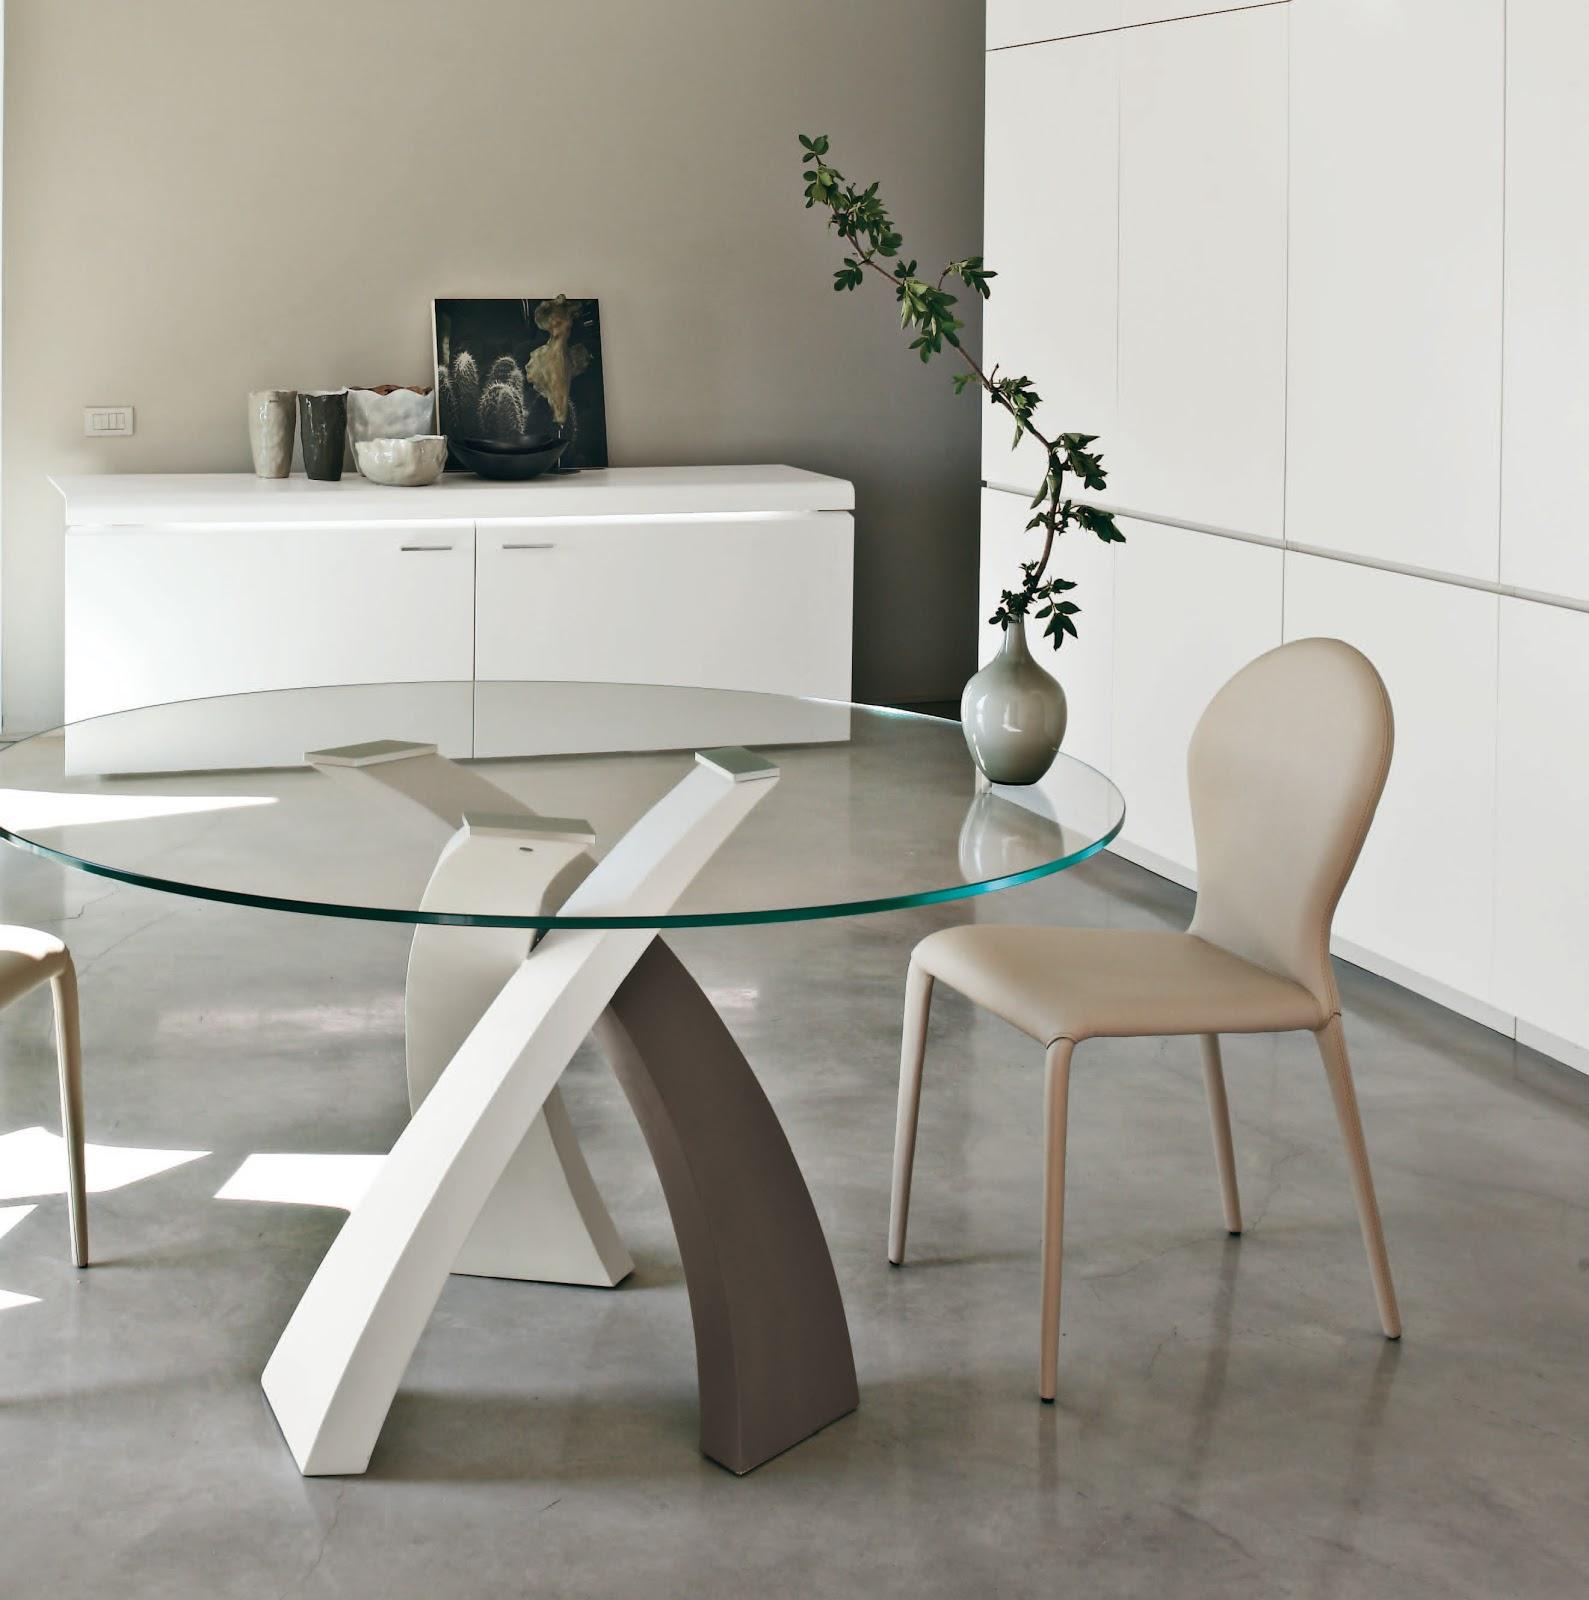 inspiration mobilier design table ronde design. Black Bedroom Furniture Sets. Home Design Ideas